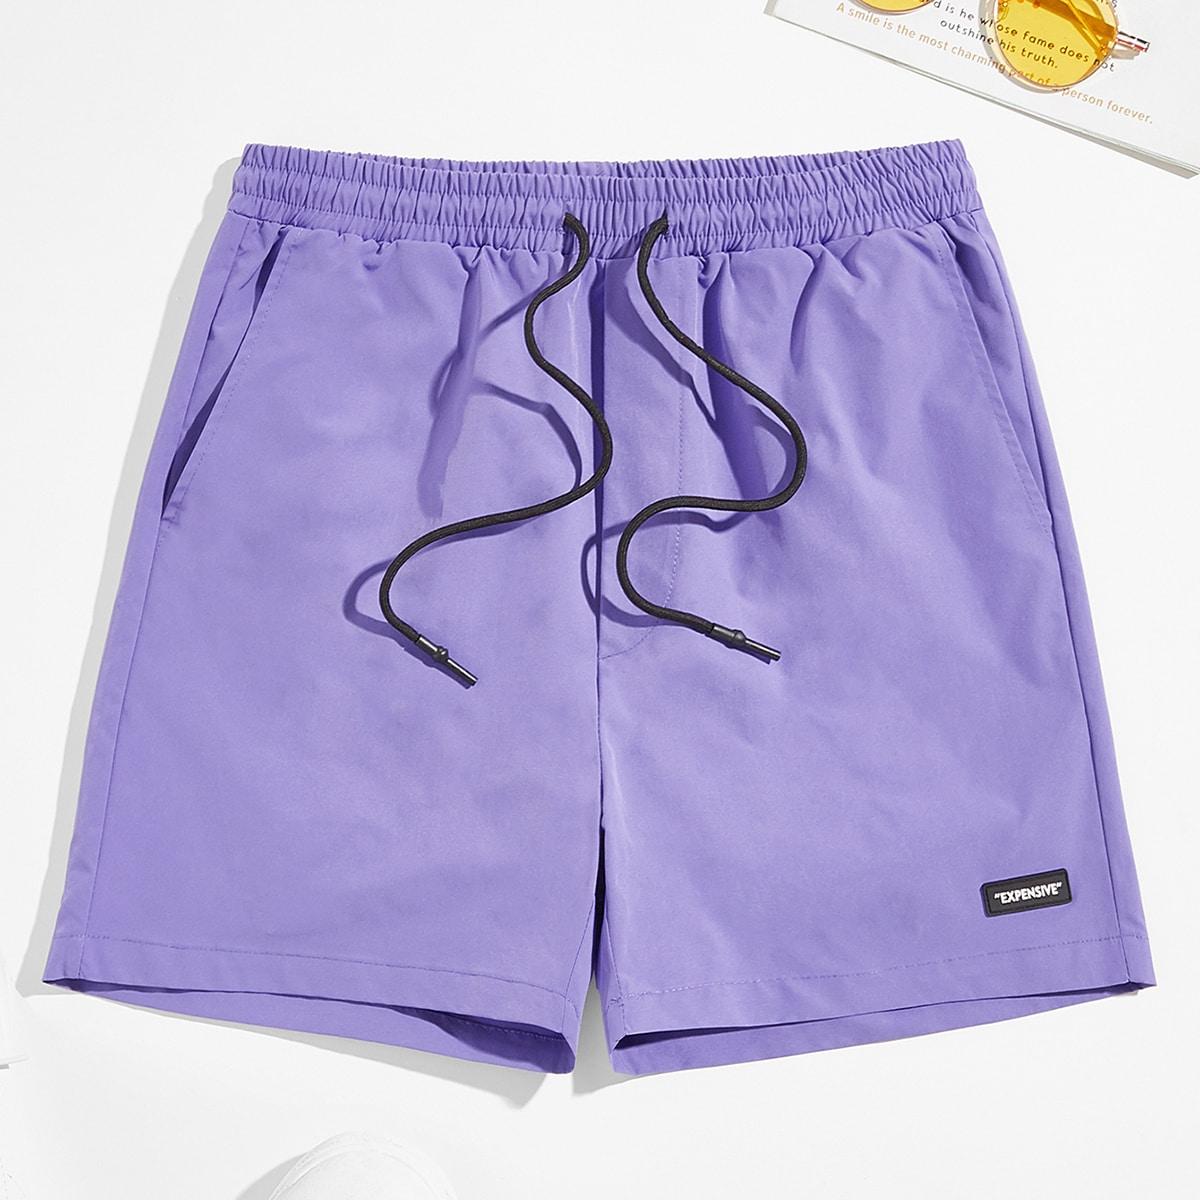 Pantalones cortos para hombre Cordón Bolsillo retazo Casual